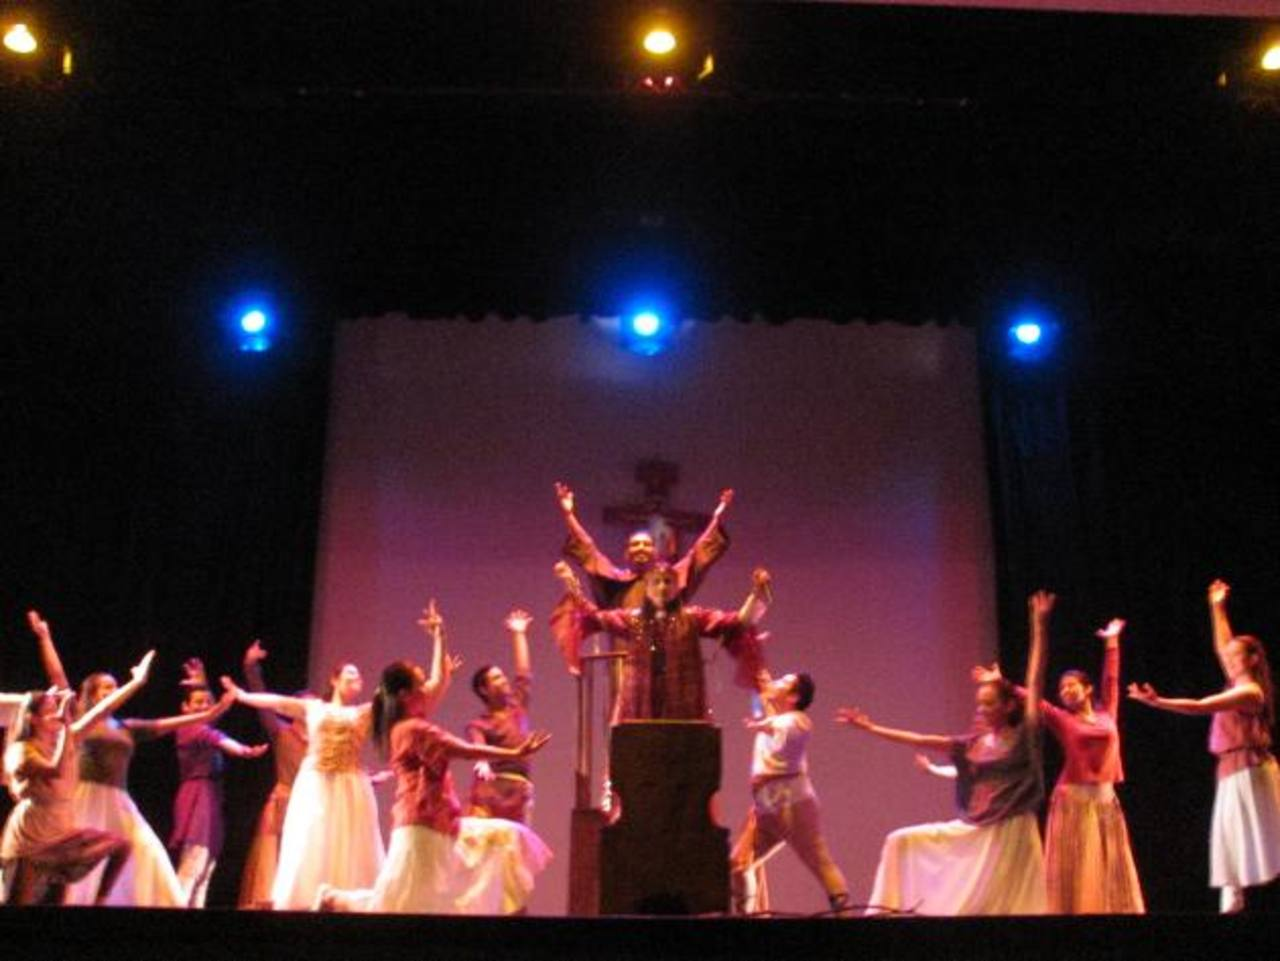 La obra de teatro musical es a beneficio de la campaña #SolidarízateSV, de la Fundación Huellas. Foto EDH / cortesía